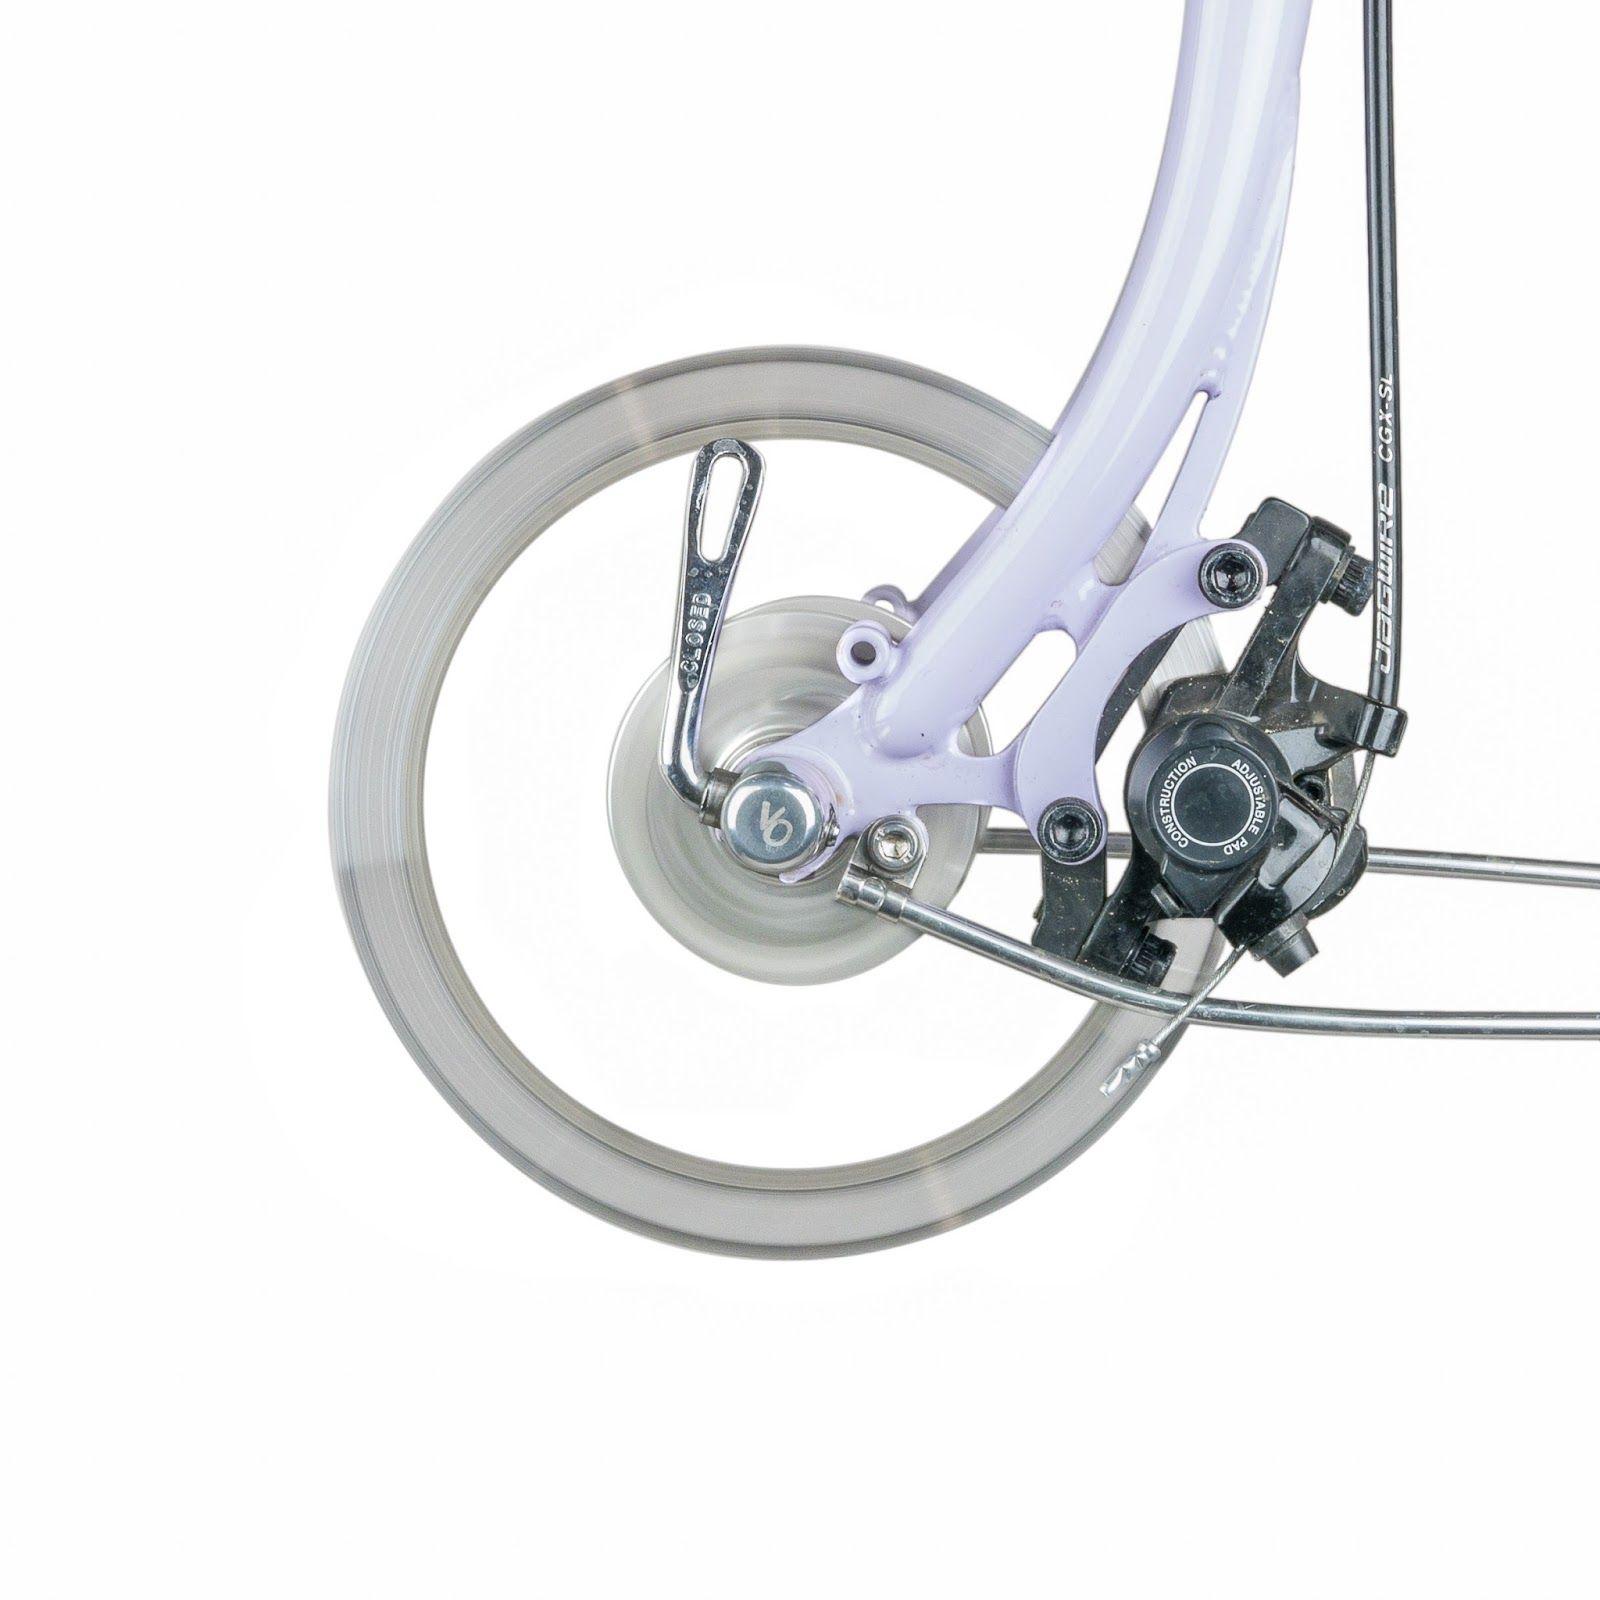 disc brakes fender mount